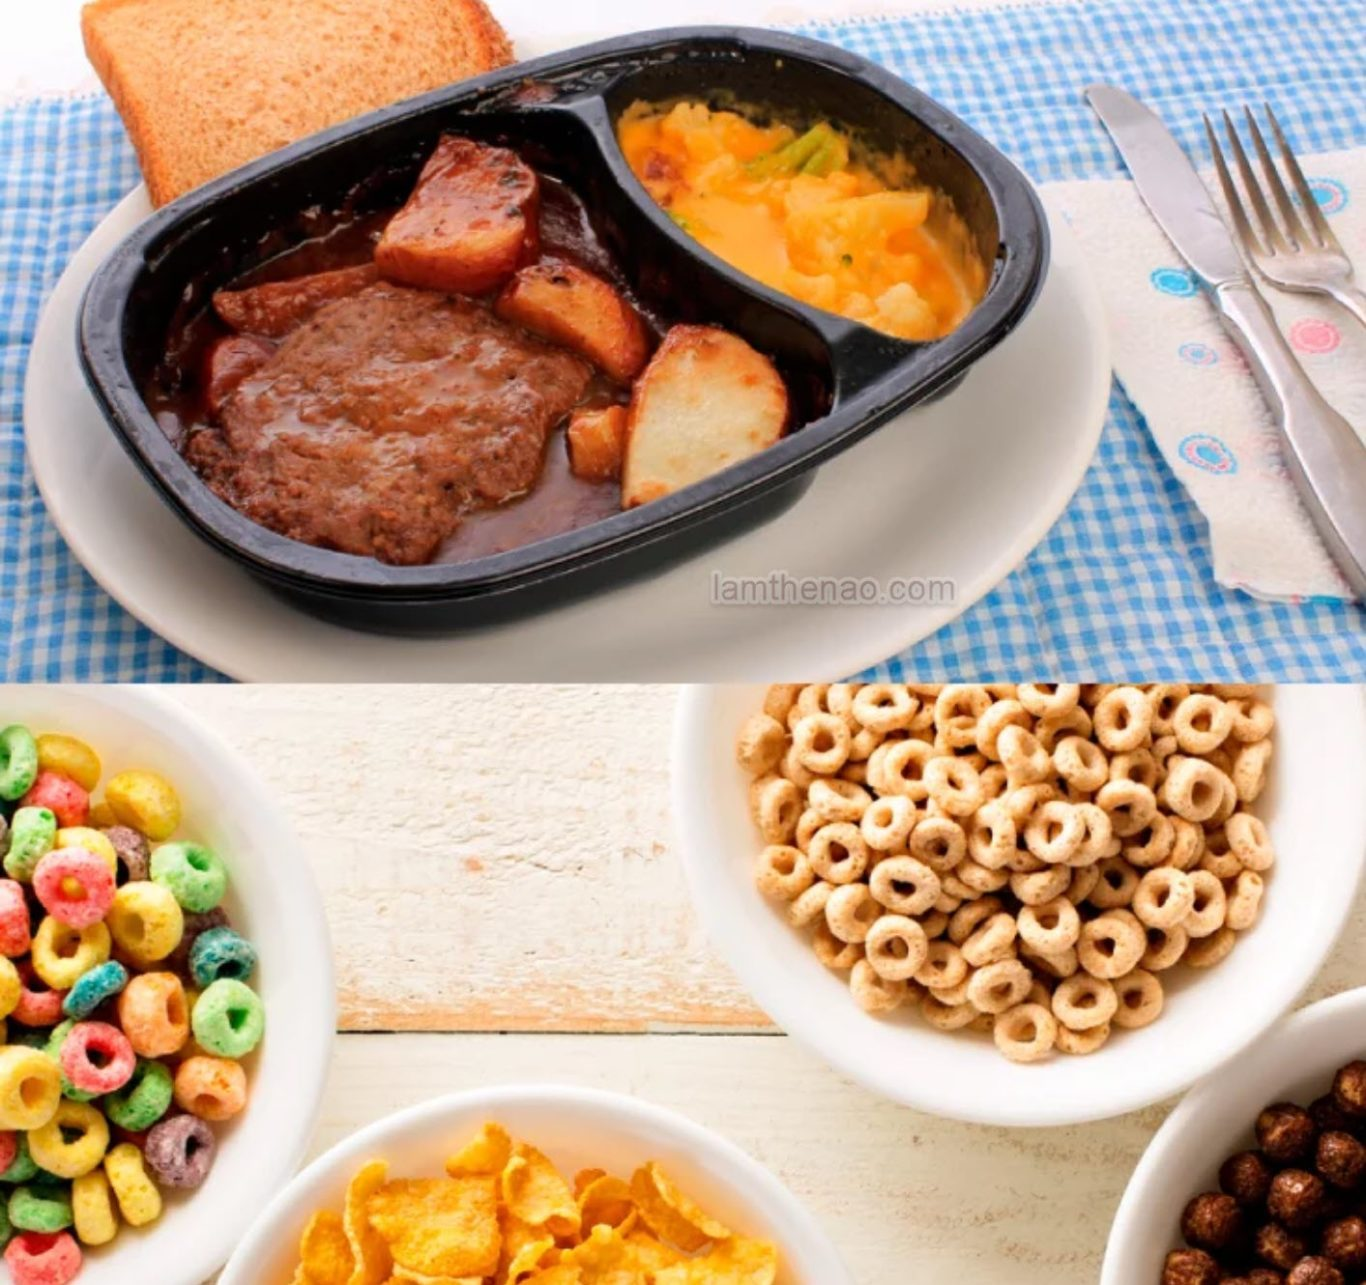 Thực phẩm nhiều axit không tốt cho cơ thể